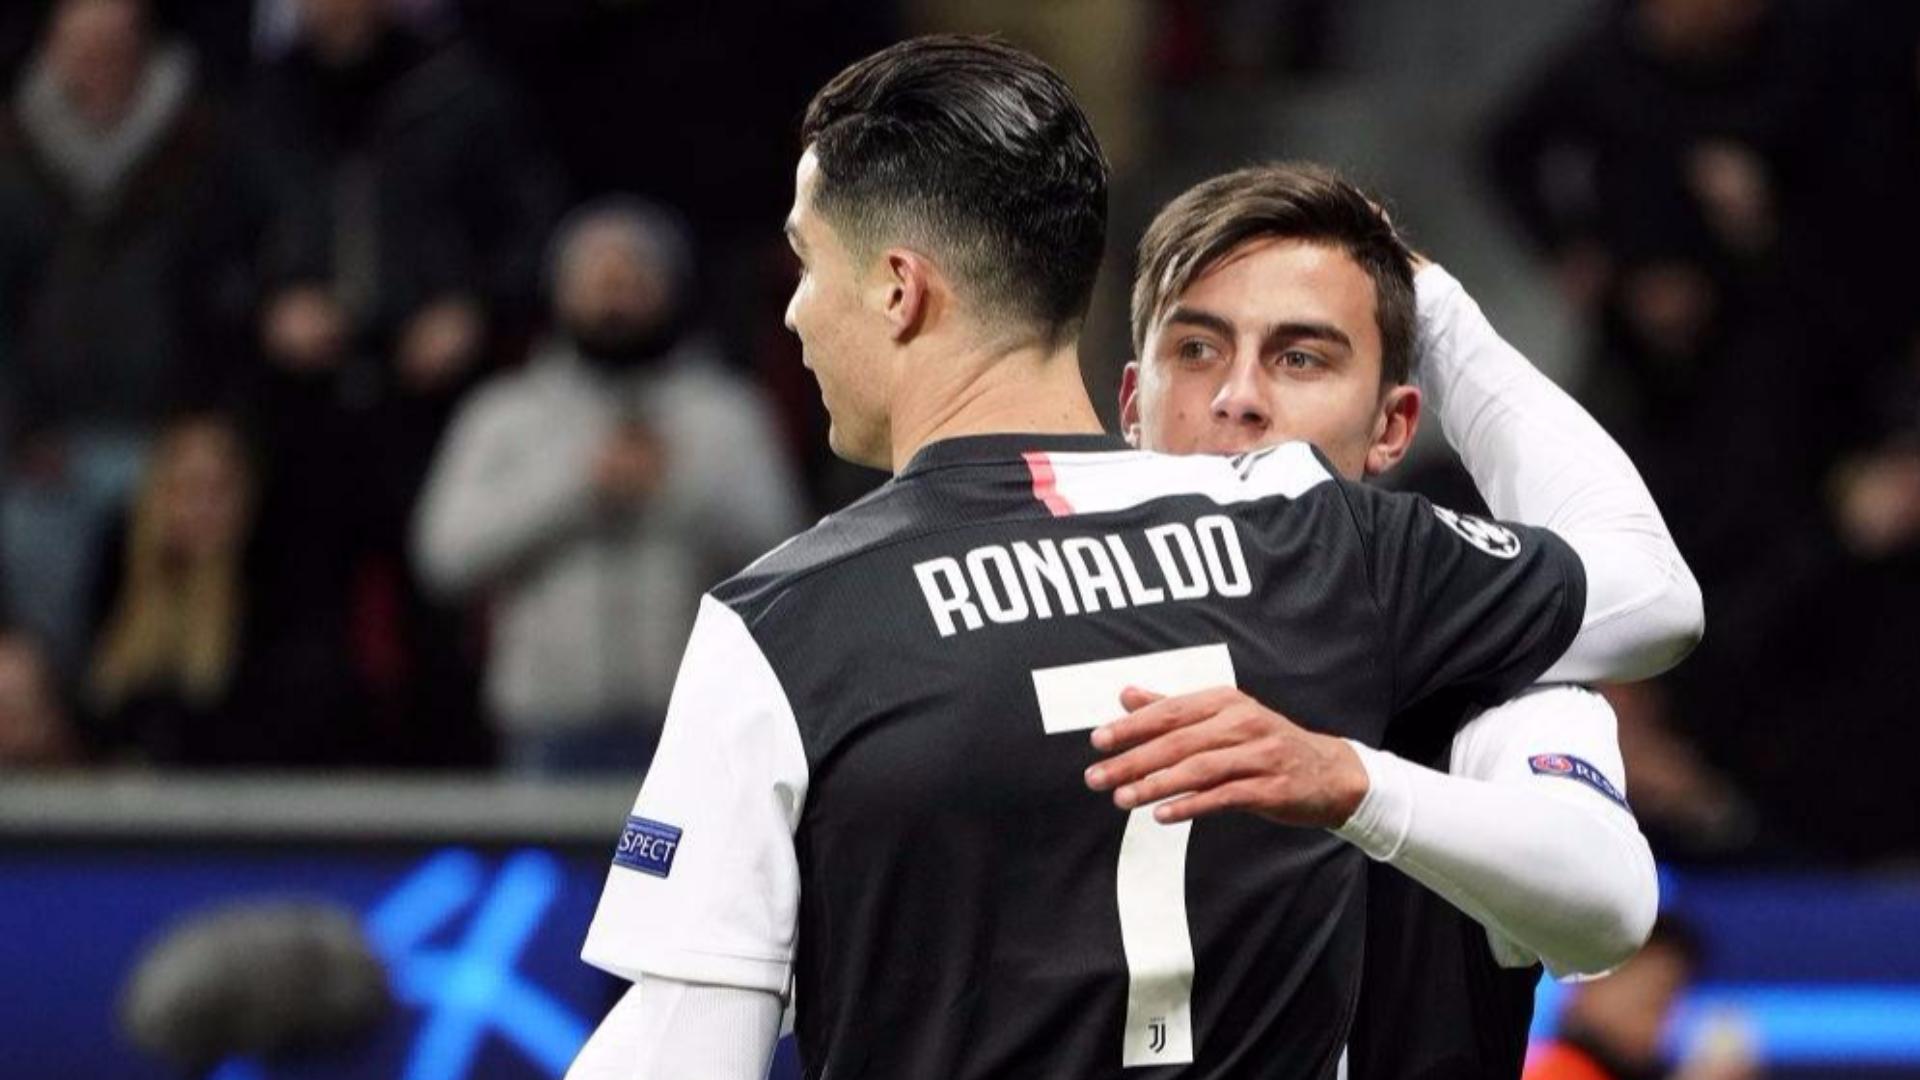 2019-2020赛季欧冠小组赛第6轮 勒沃库森vs尤文图斯 全场集锦